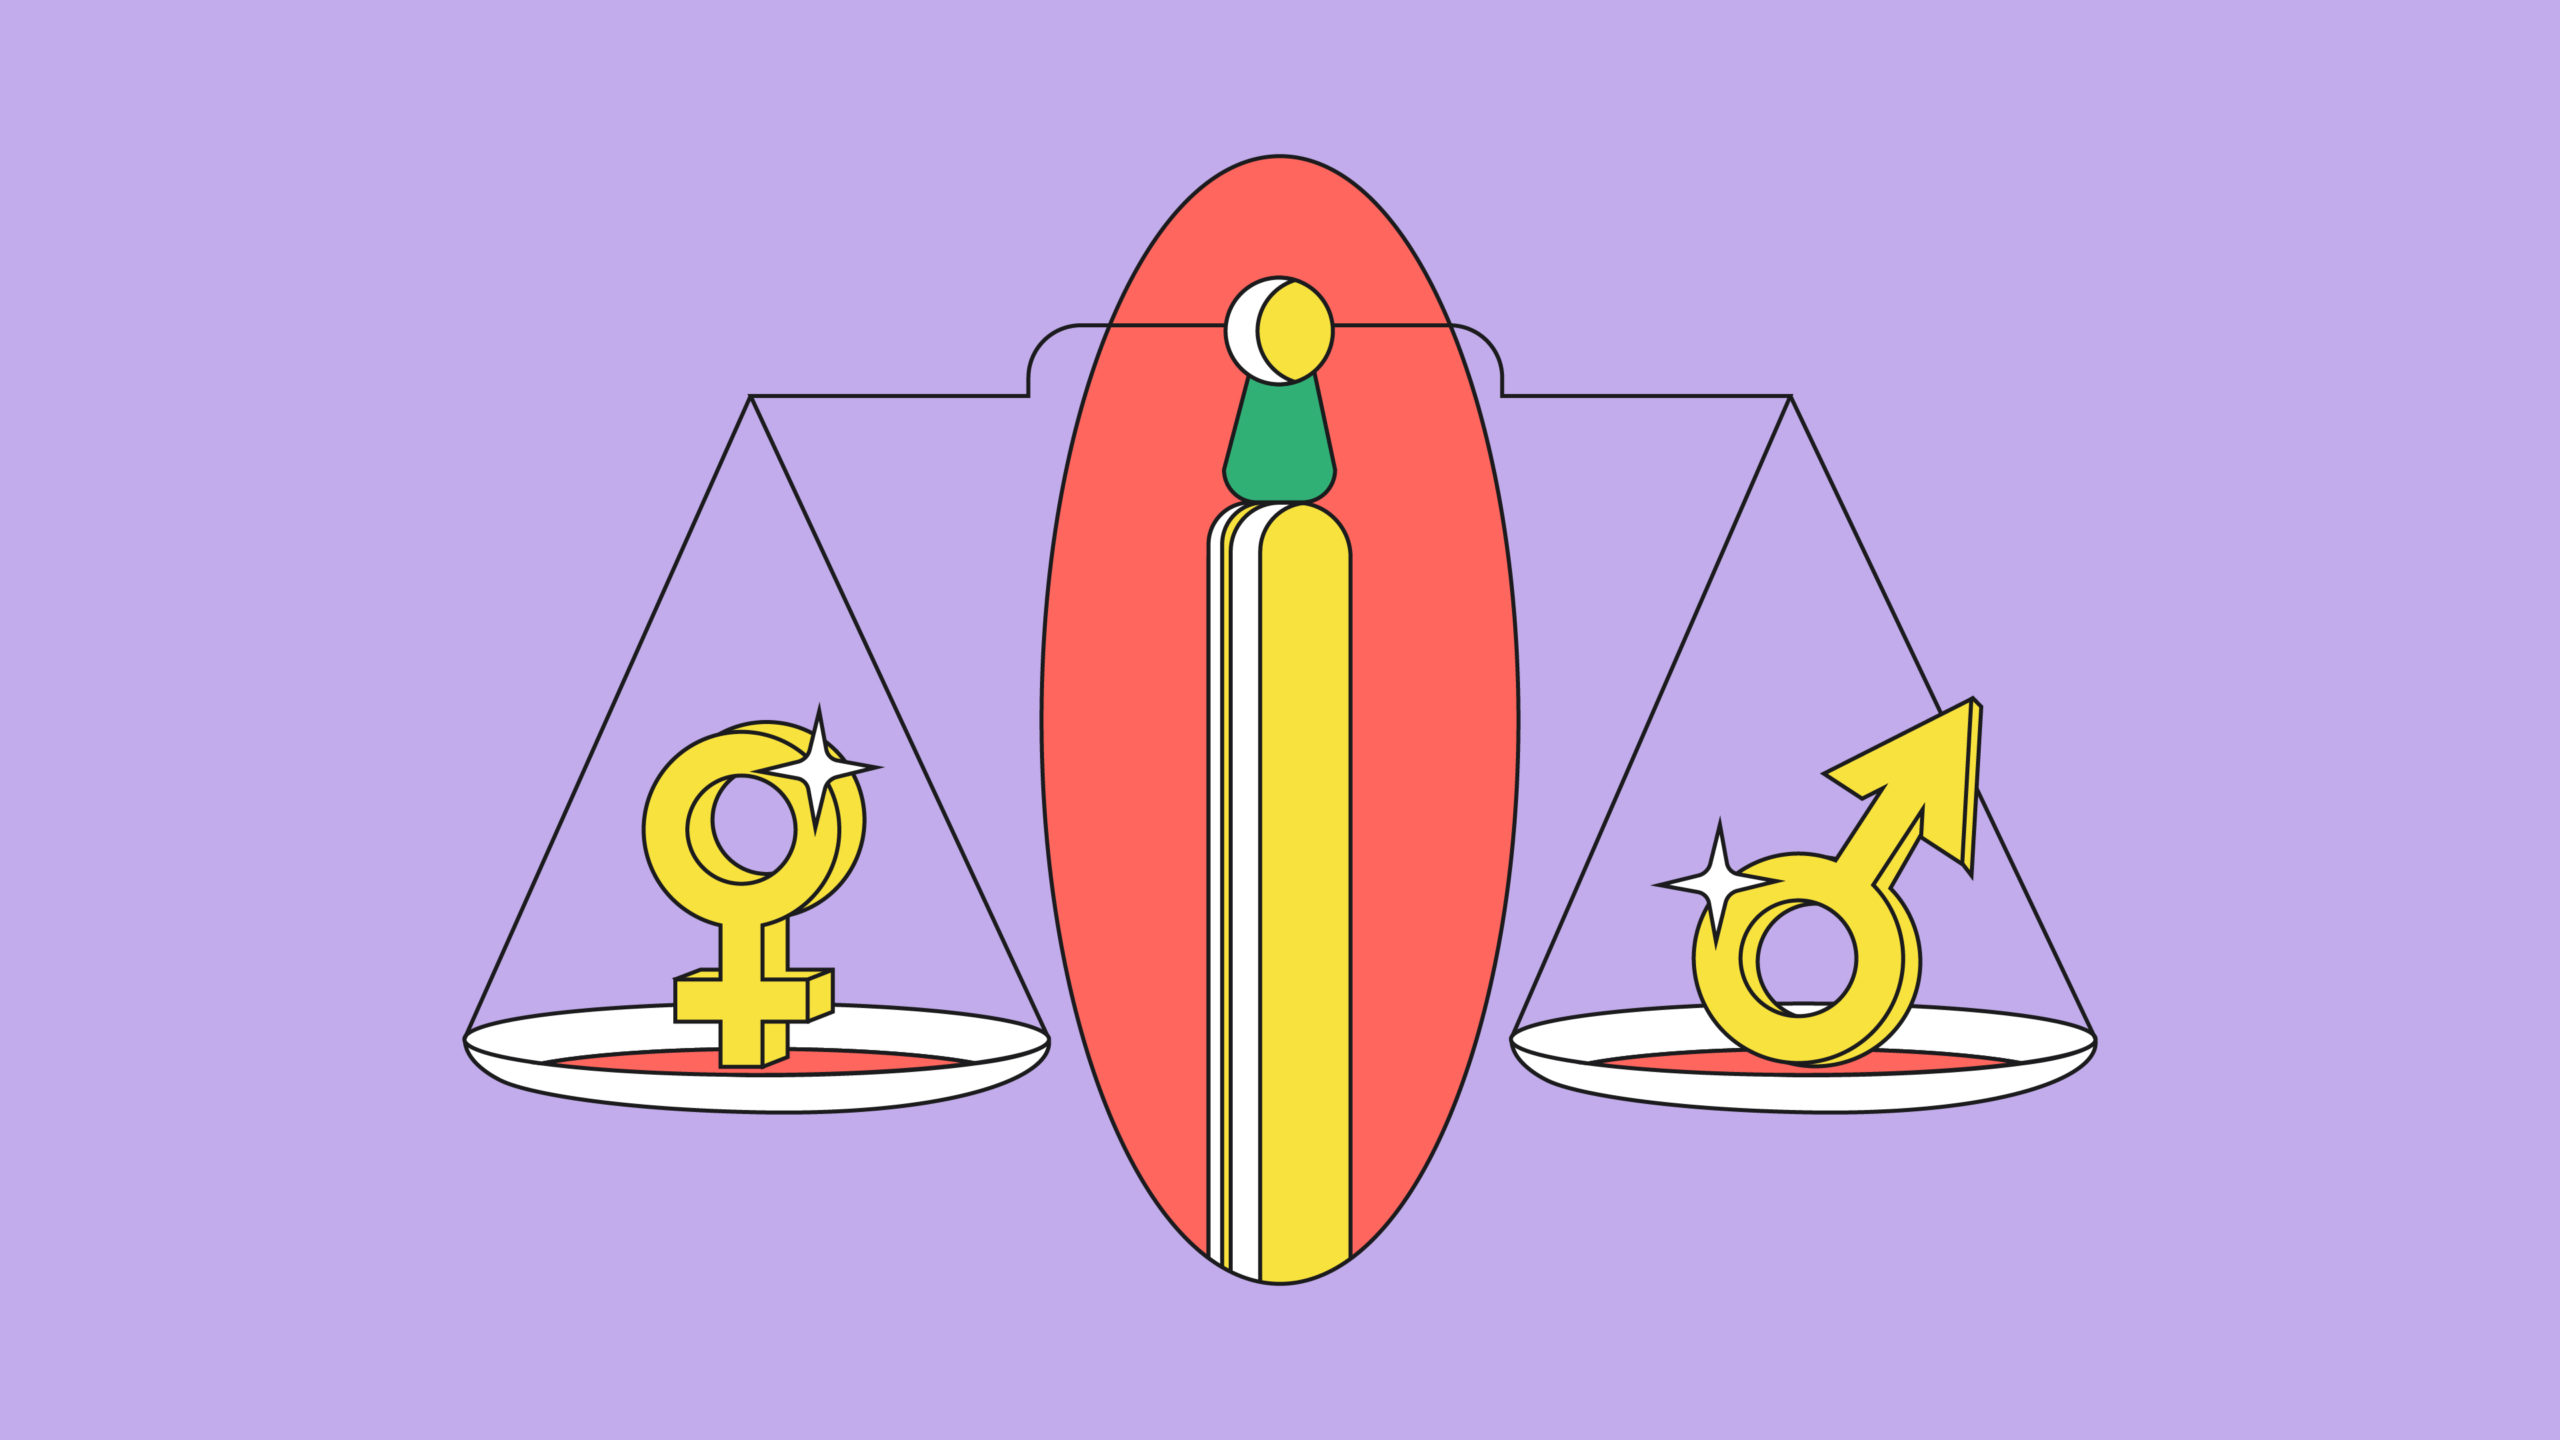 scale holding gender symbols